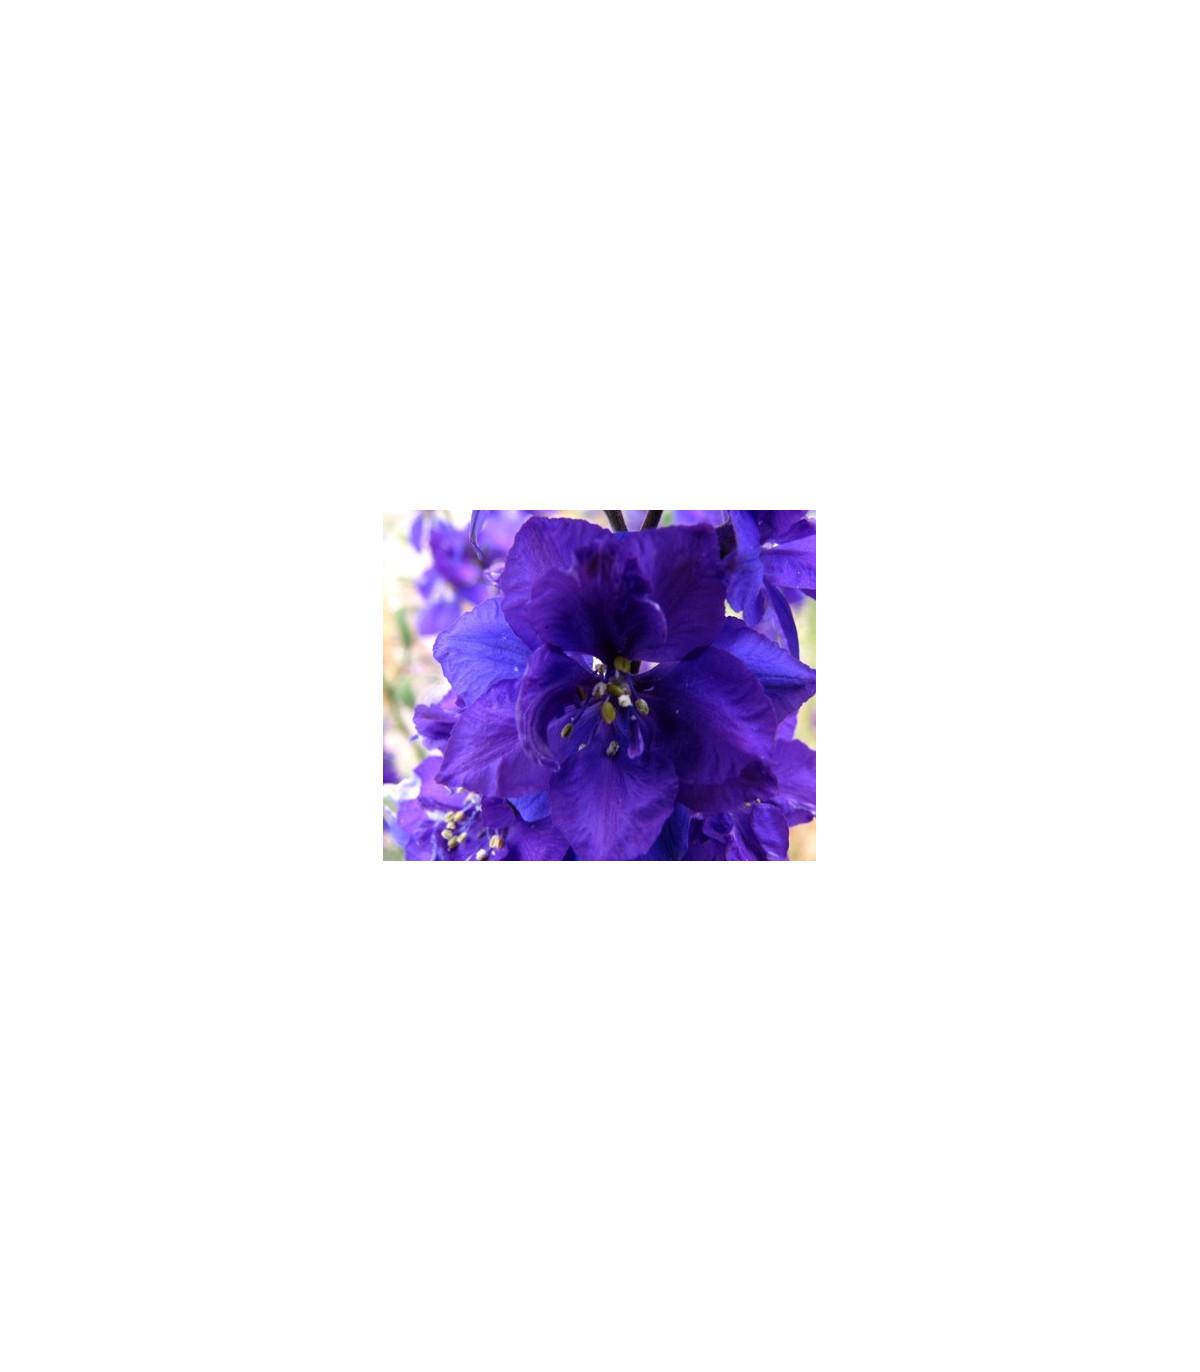 Stračia nôžka modrého odtiaňa - Deplhinium cultorum - semená stračej nôžky - semiačka - 50 ks